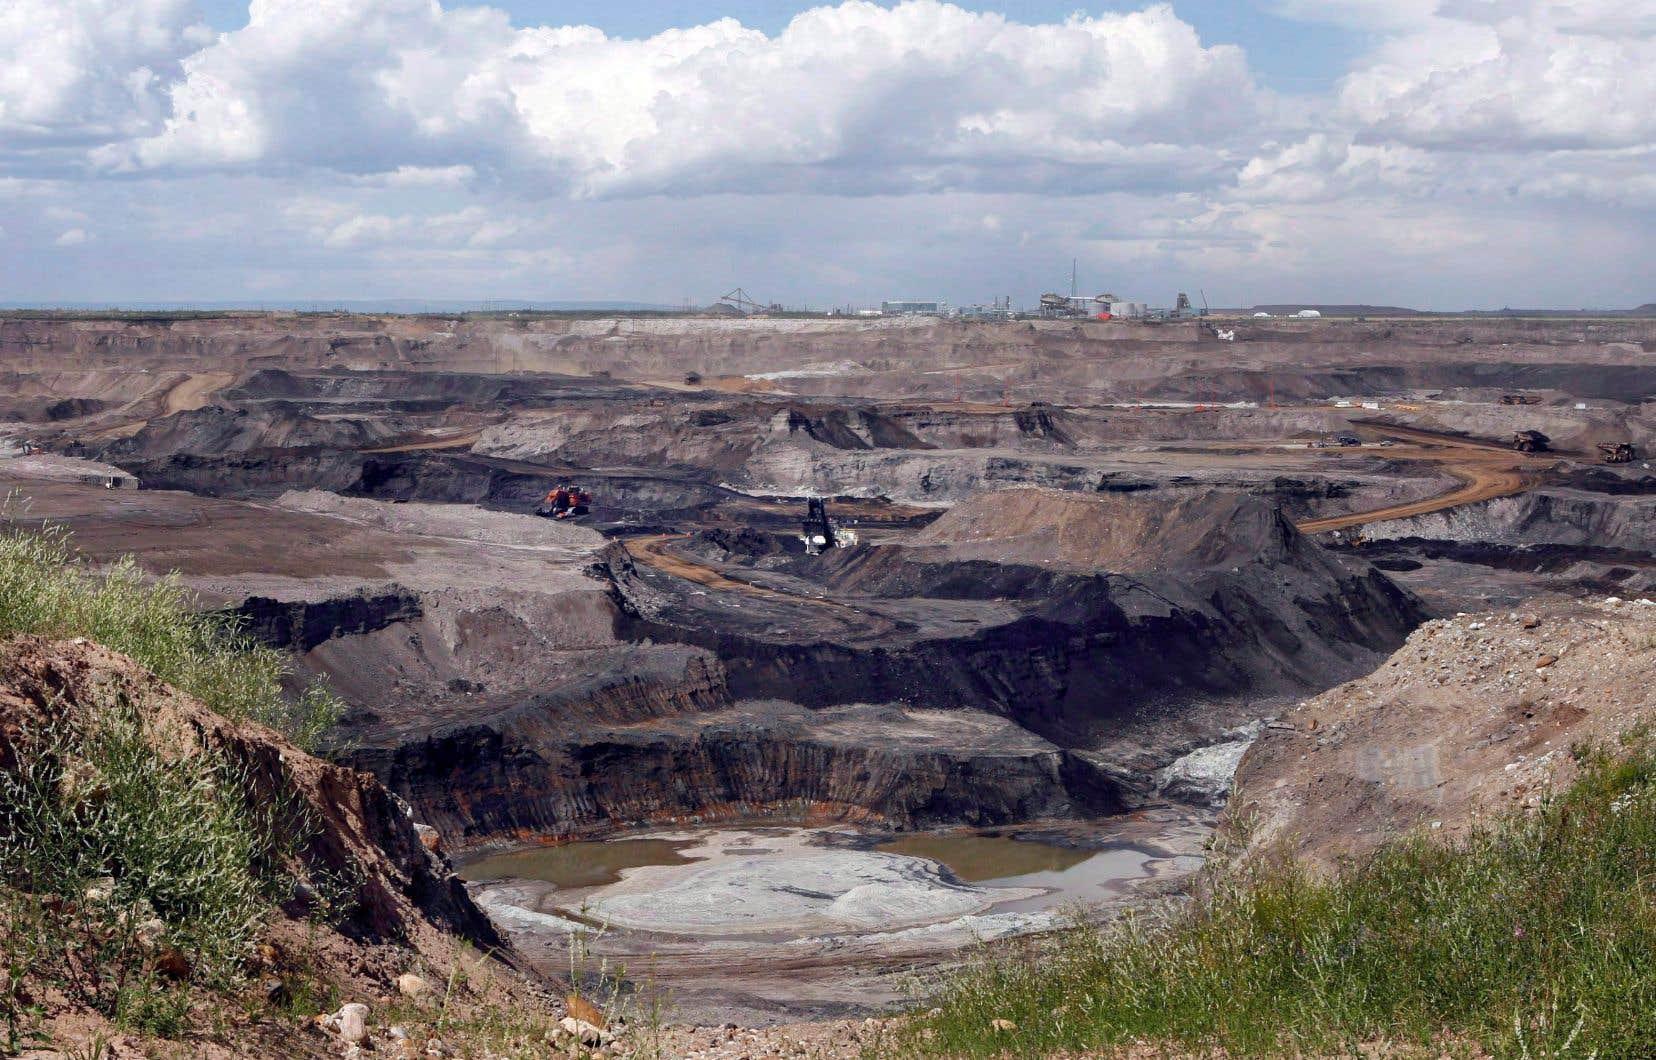 Si les partis politiques veulent être pris au sérieux, ils doivent avoir l'audace de mettre en avant des politiques proactives et courageuses en matière d'environnement, estime l'auteur de ces lignes. Sur la photo, un site d'exploitation des sables bitumineux en Alberta.